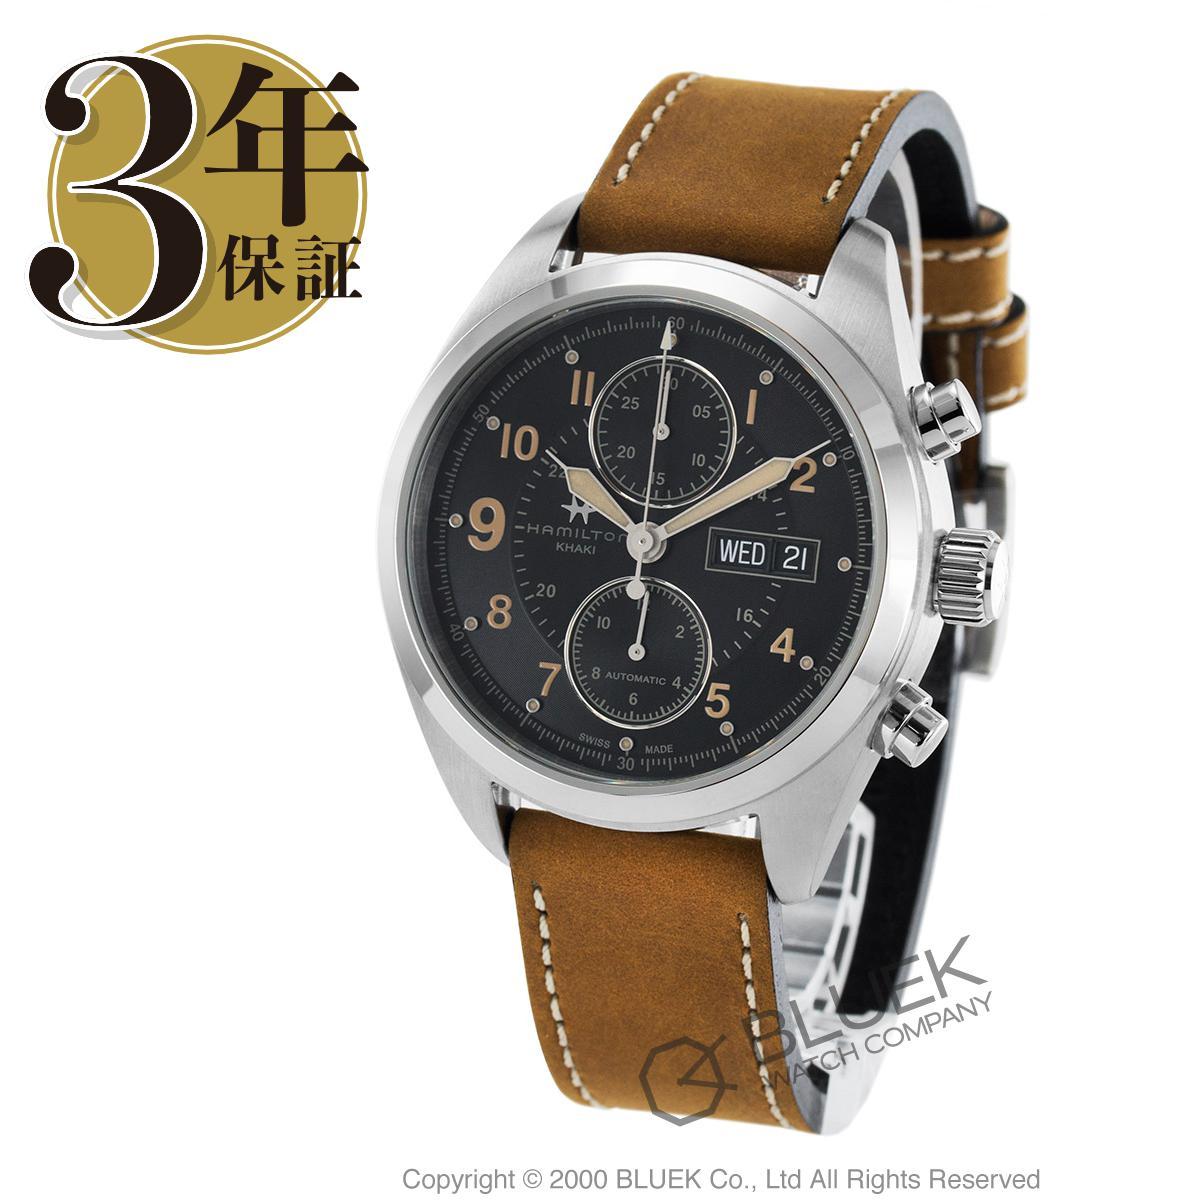 【最大3万円割引クーポン 11/01~】ハミルトン カーキ フィールド クロノグラフ 腕時計 メンズ HAMILTON H71616535_8